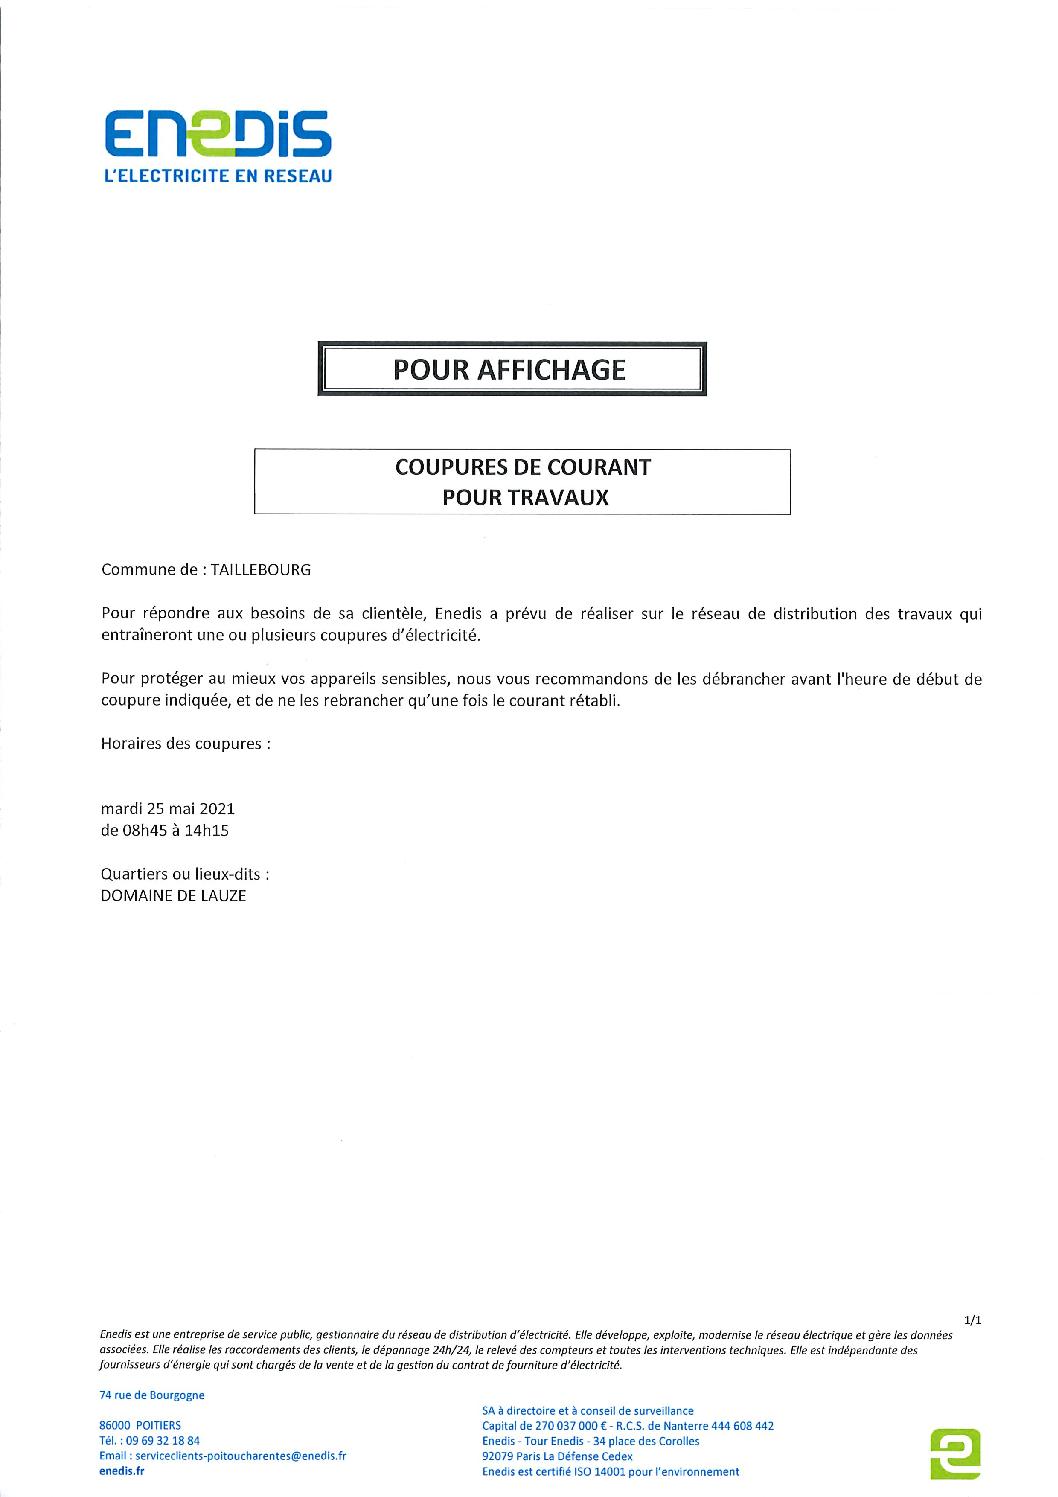 Coupures de courant travaux 25-05-2021